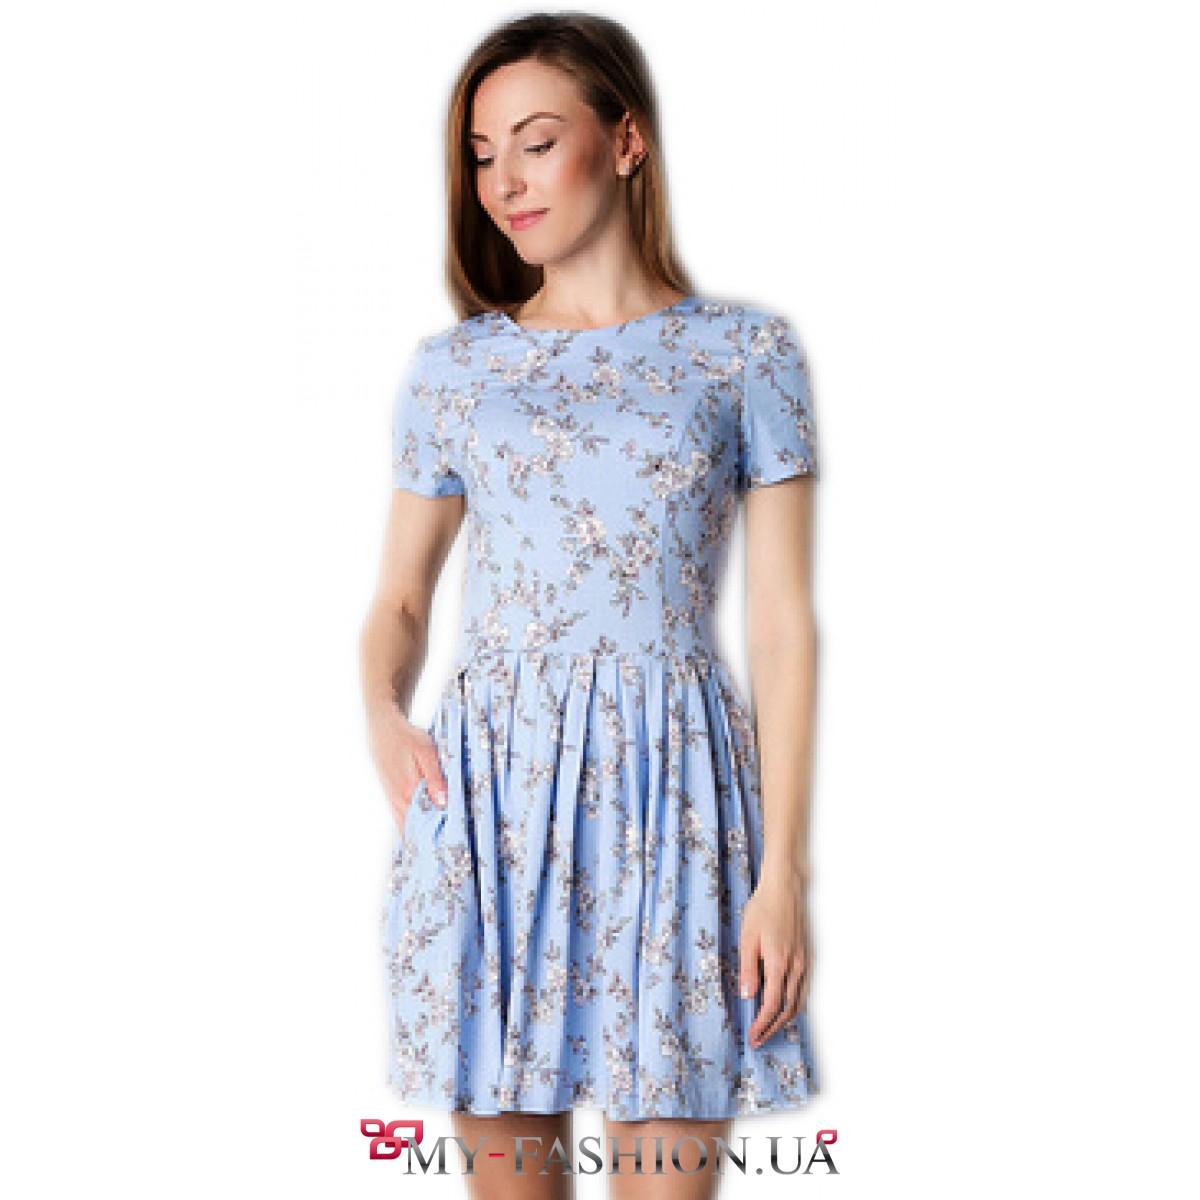 7bc3713a59b9921 Короткое льняное платье с цветочным принтом купить в интернет ...